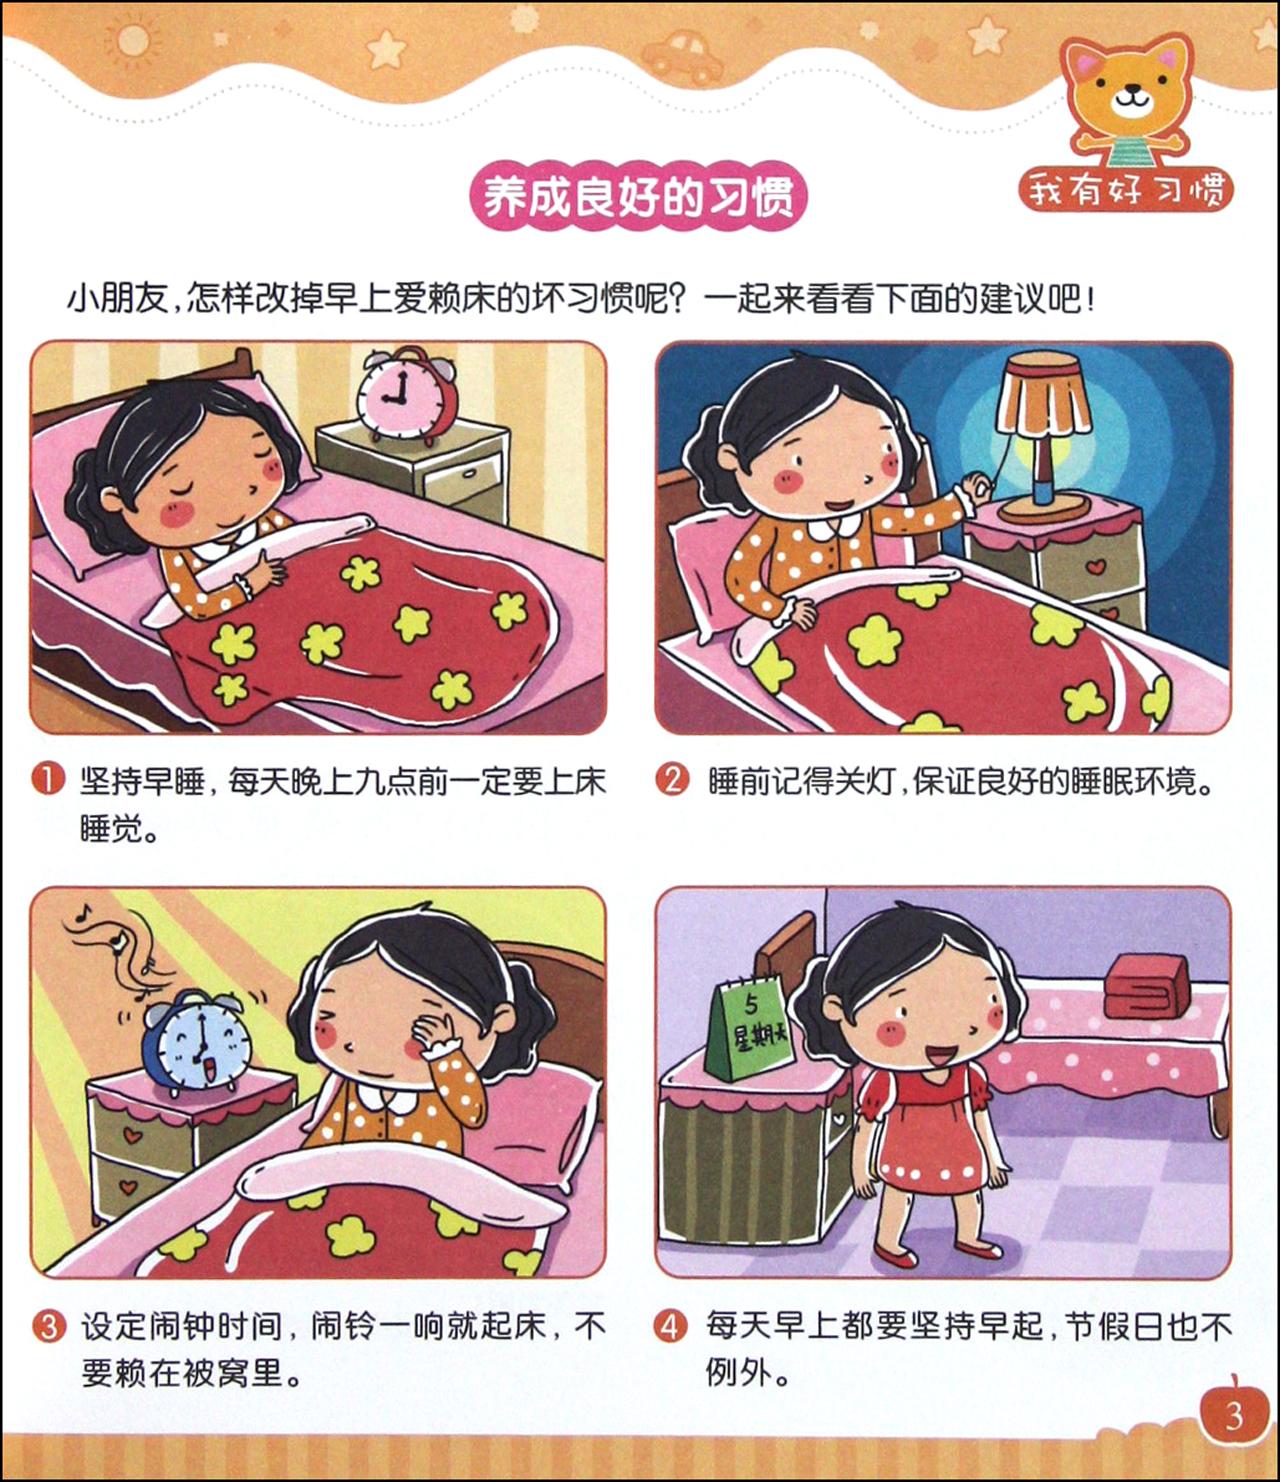 睡觉图片可爱勿打扰